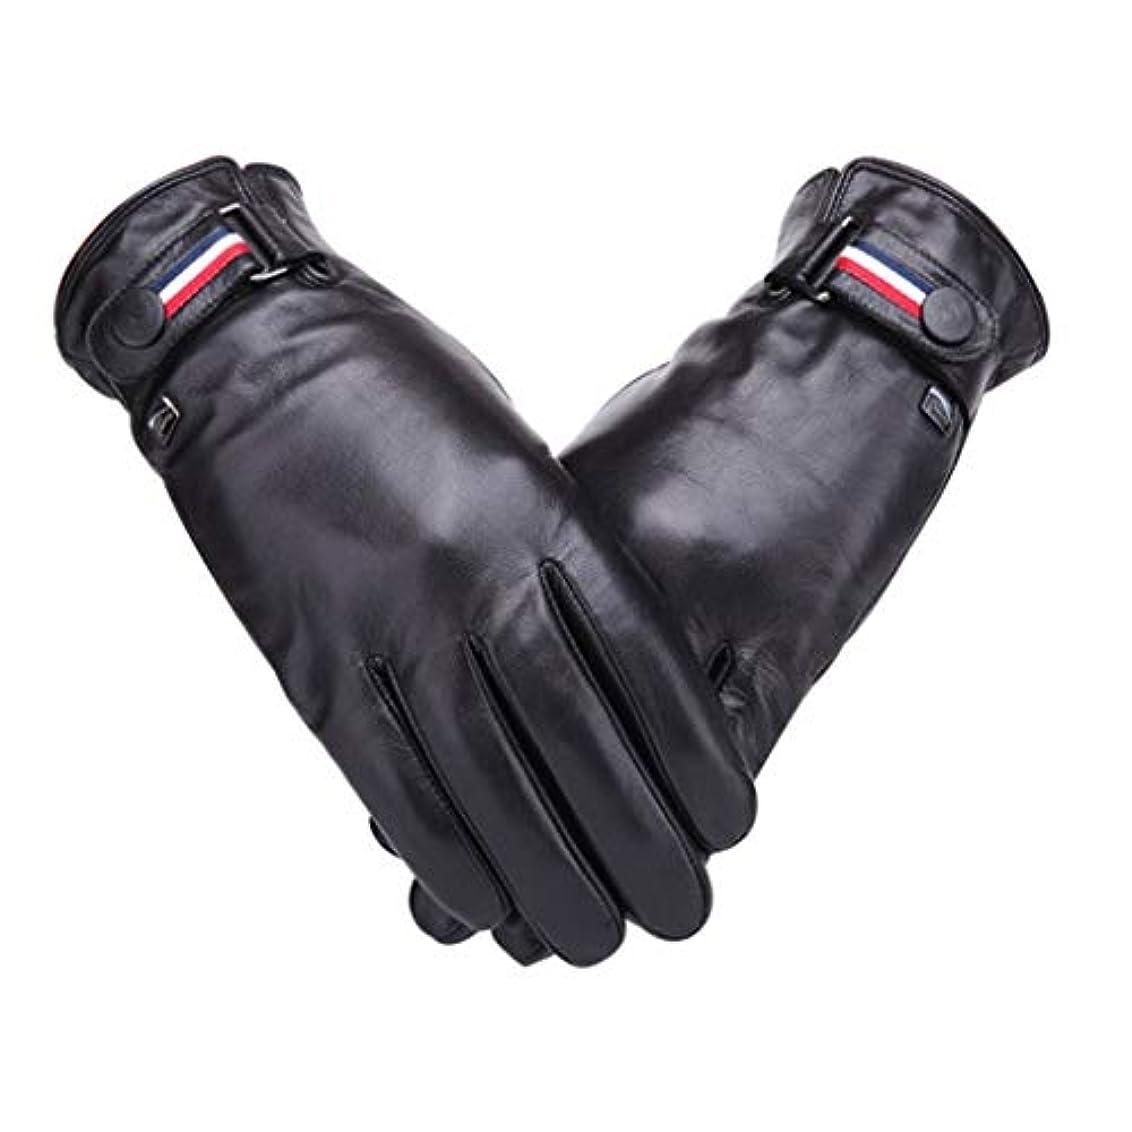 鼓舞する粘着性現在羊皮の手袋の男性秋と冬のサイクリングwindproof暖かいプラスベルベットの肥厚の男性の手袋